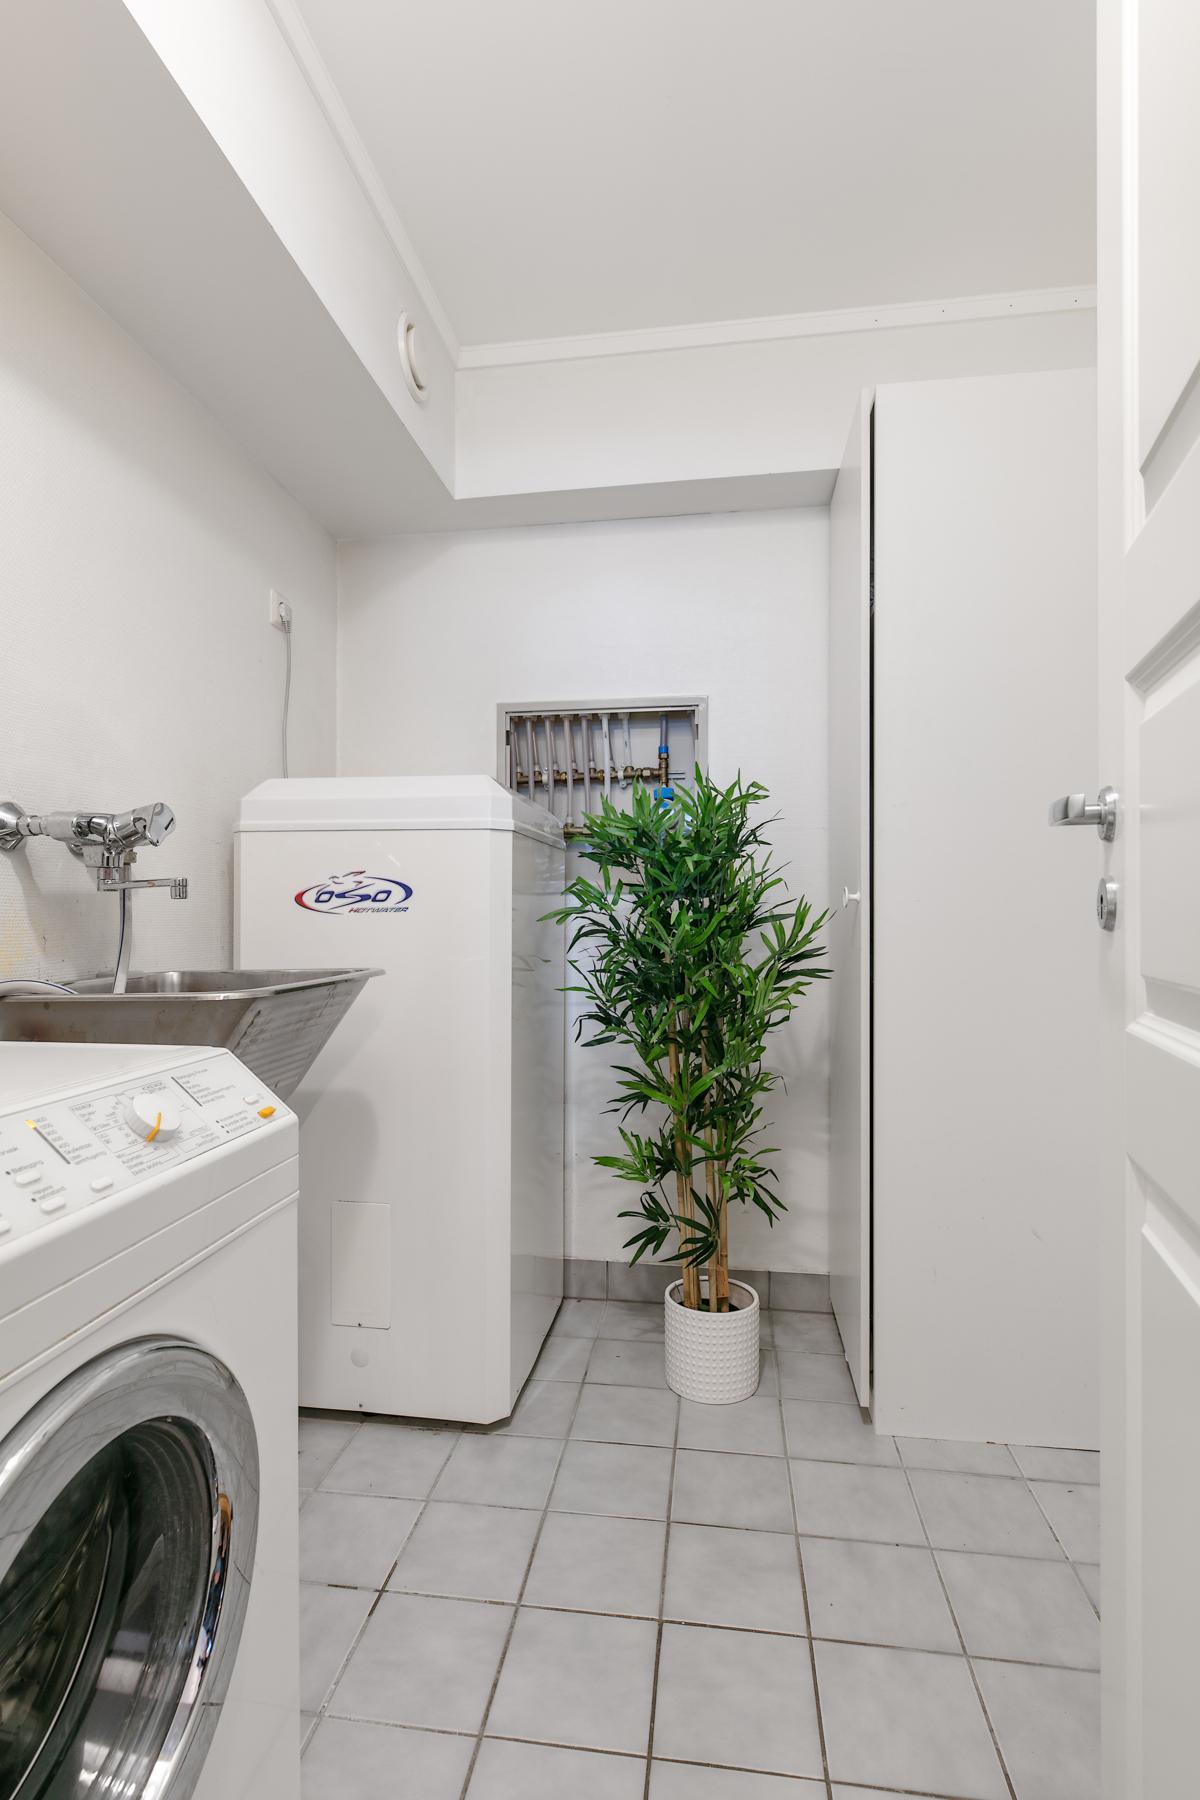 Vaskerom med gode lagrinsmuligheter. Vaskerommet ligger innenfor kjøkkenet.